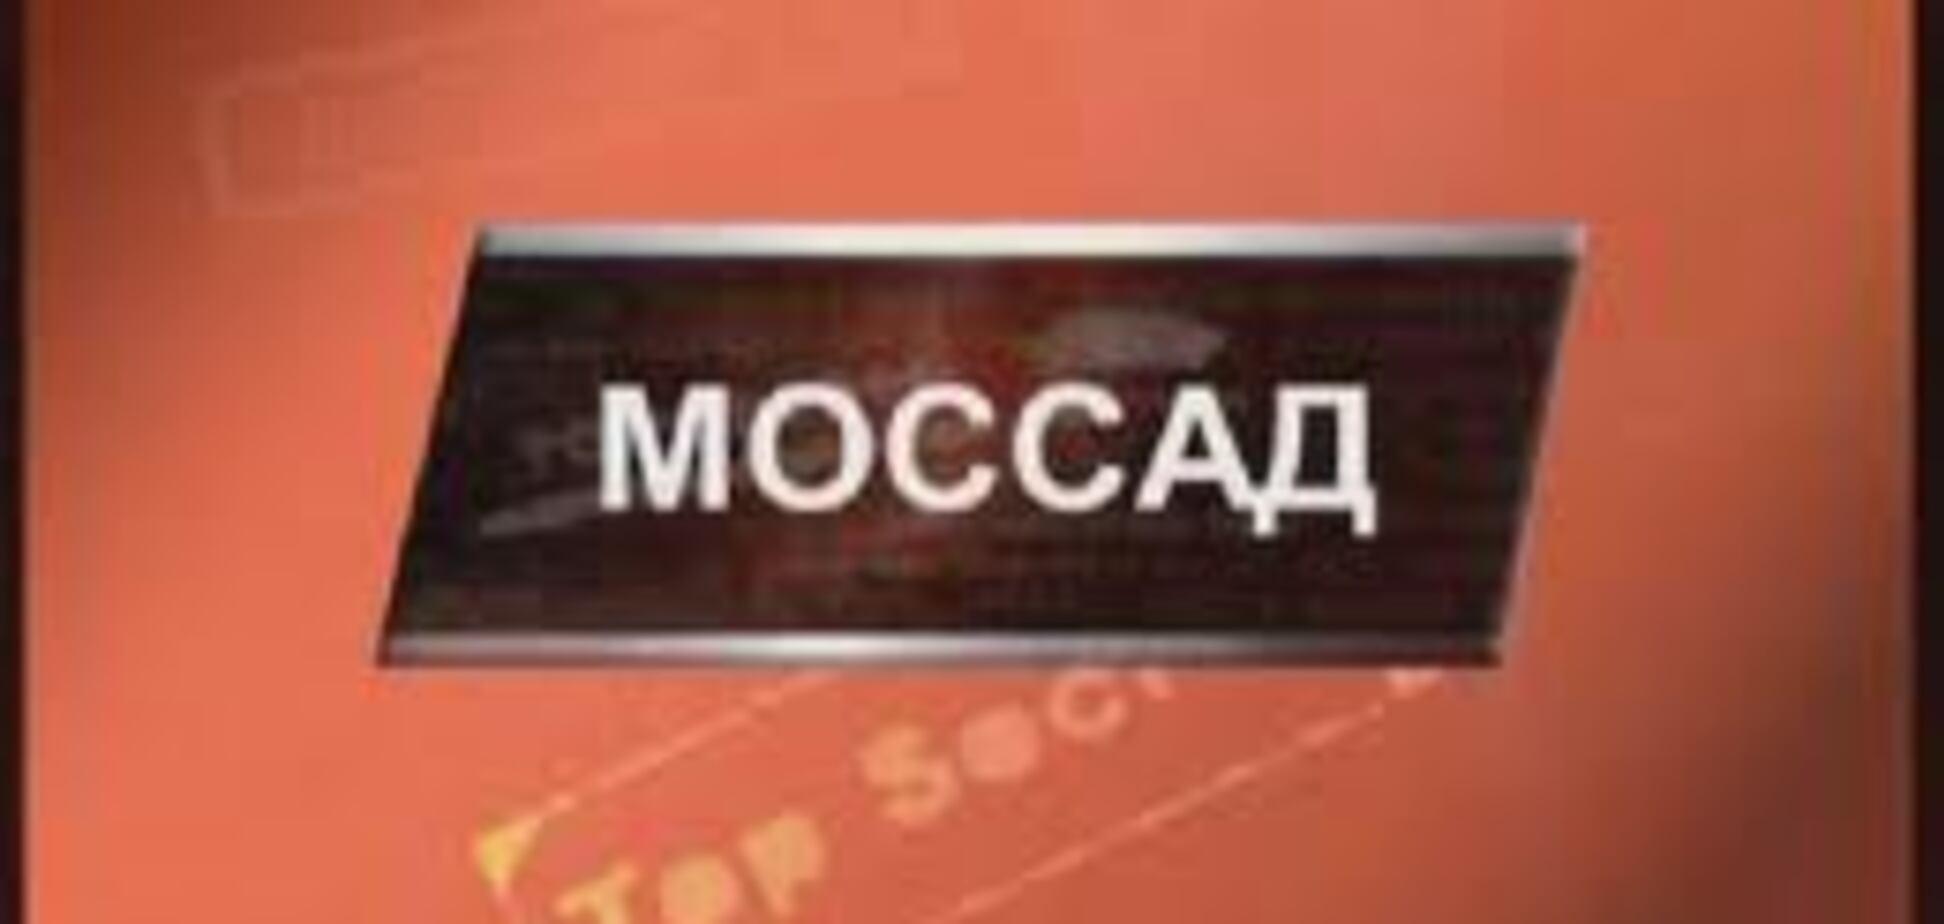 Жучки в будівлі Ради ЄС міг встановити Моссад